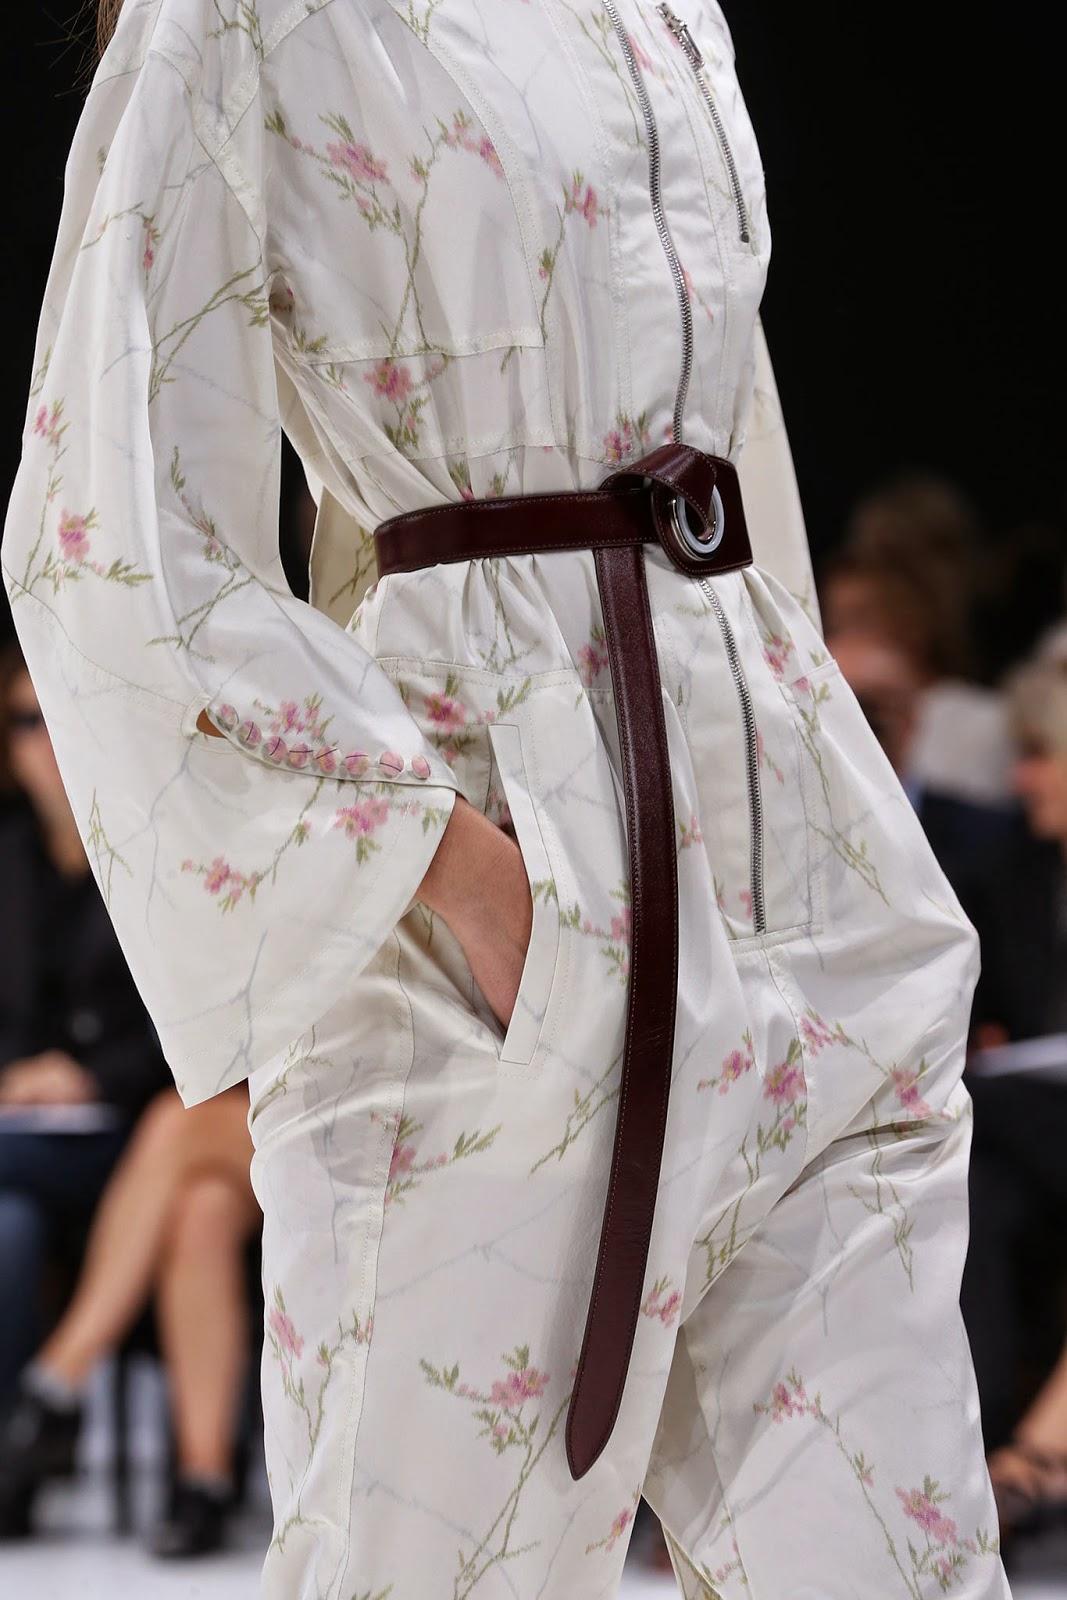 0247648c6419 Raf Simons for Christin Dior Spring 2015. Photos from Style.com